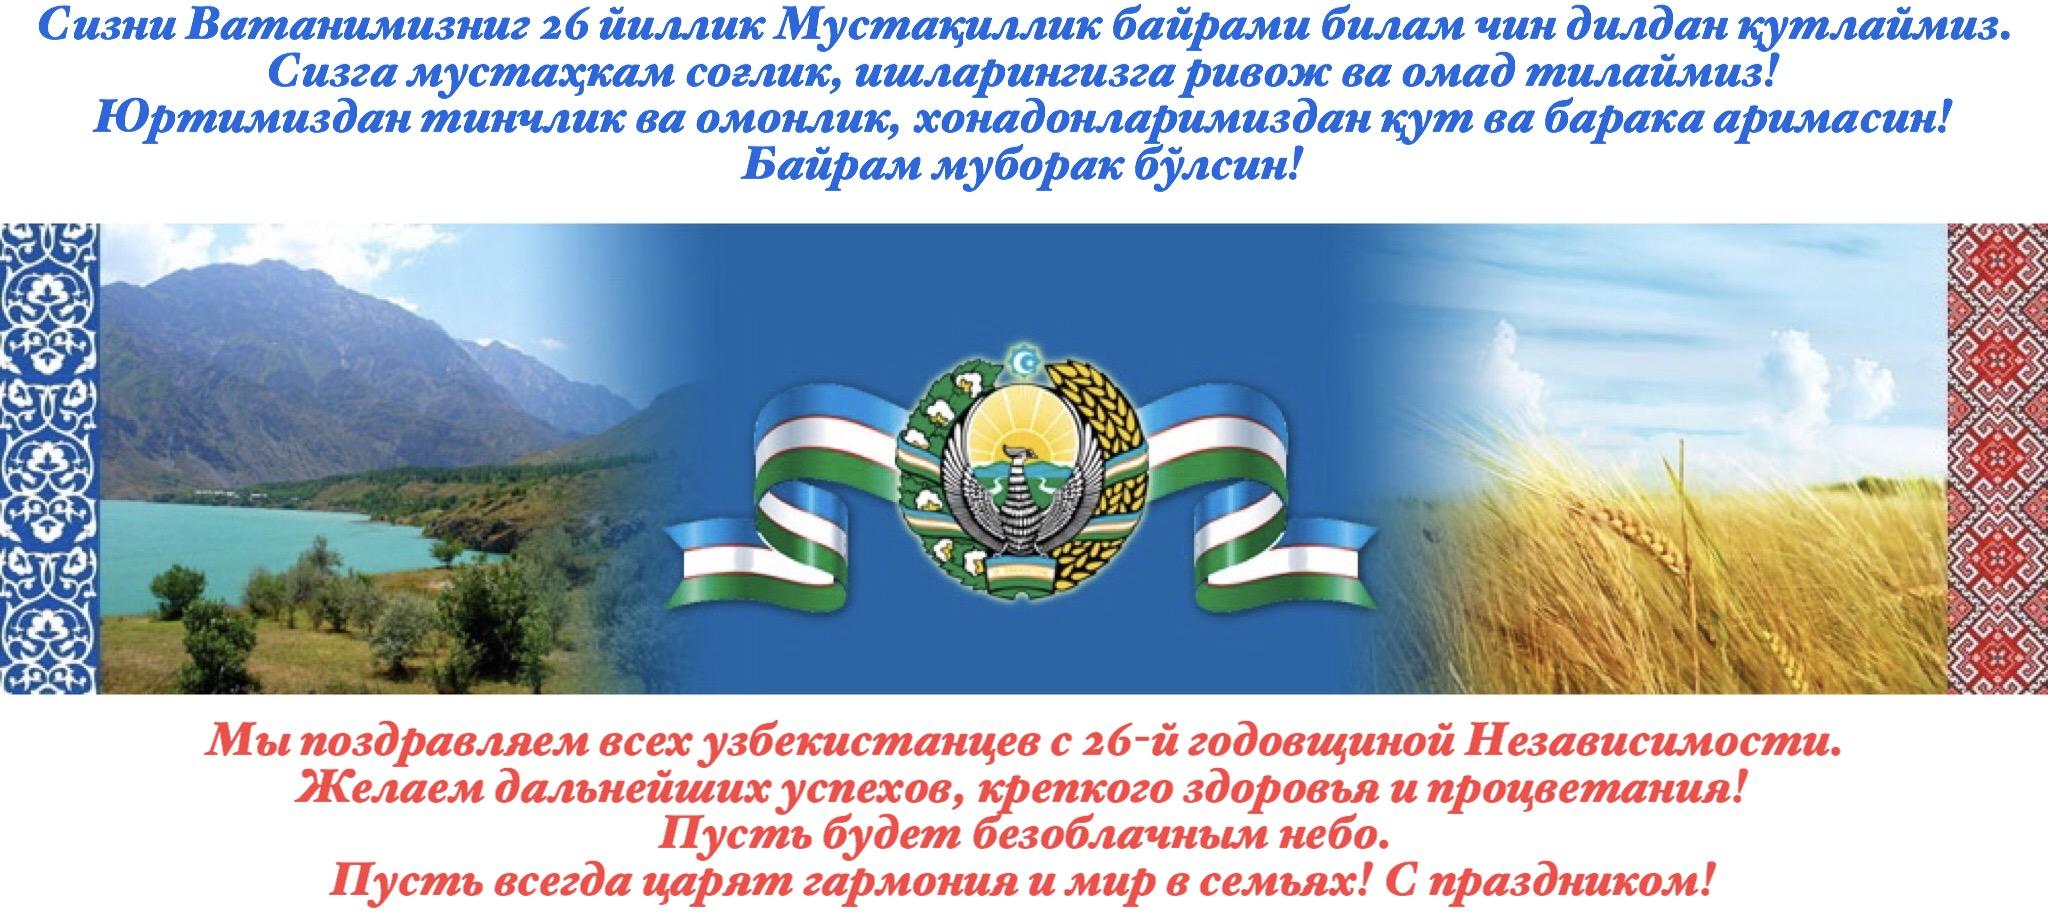 подъёмка, красивое поздравление с днем независимости узбекистана будет изюминка, которая